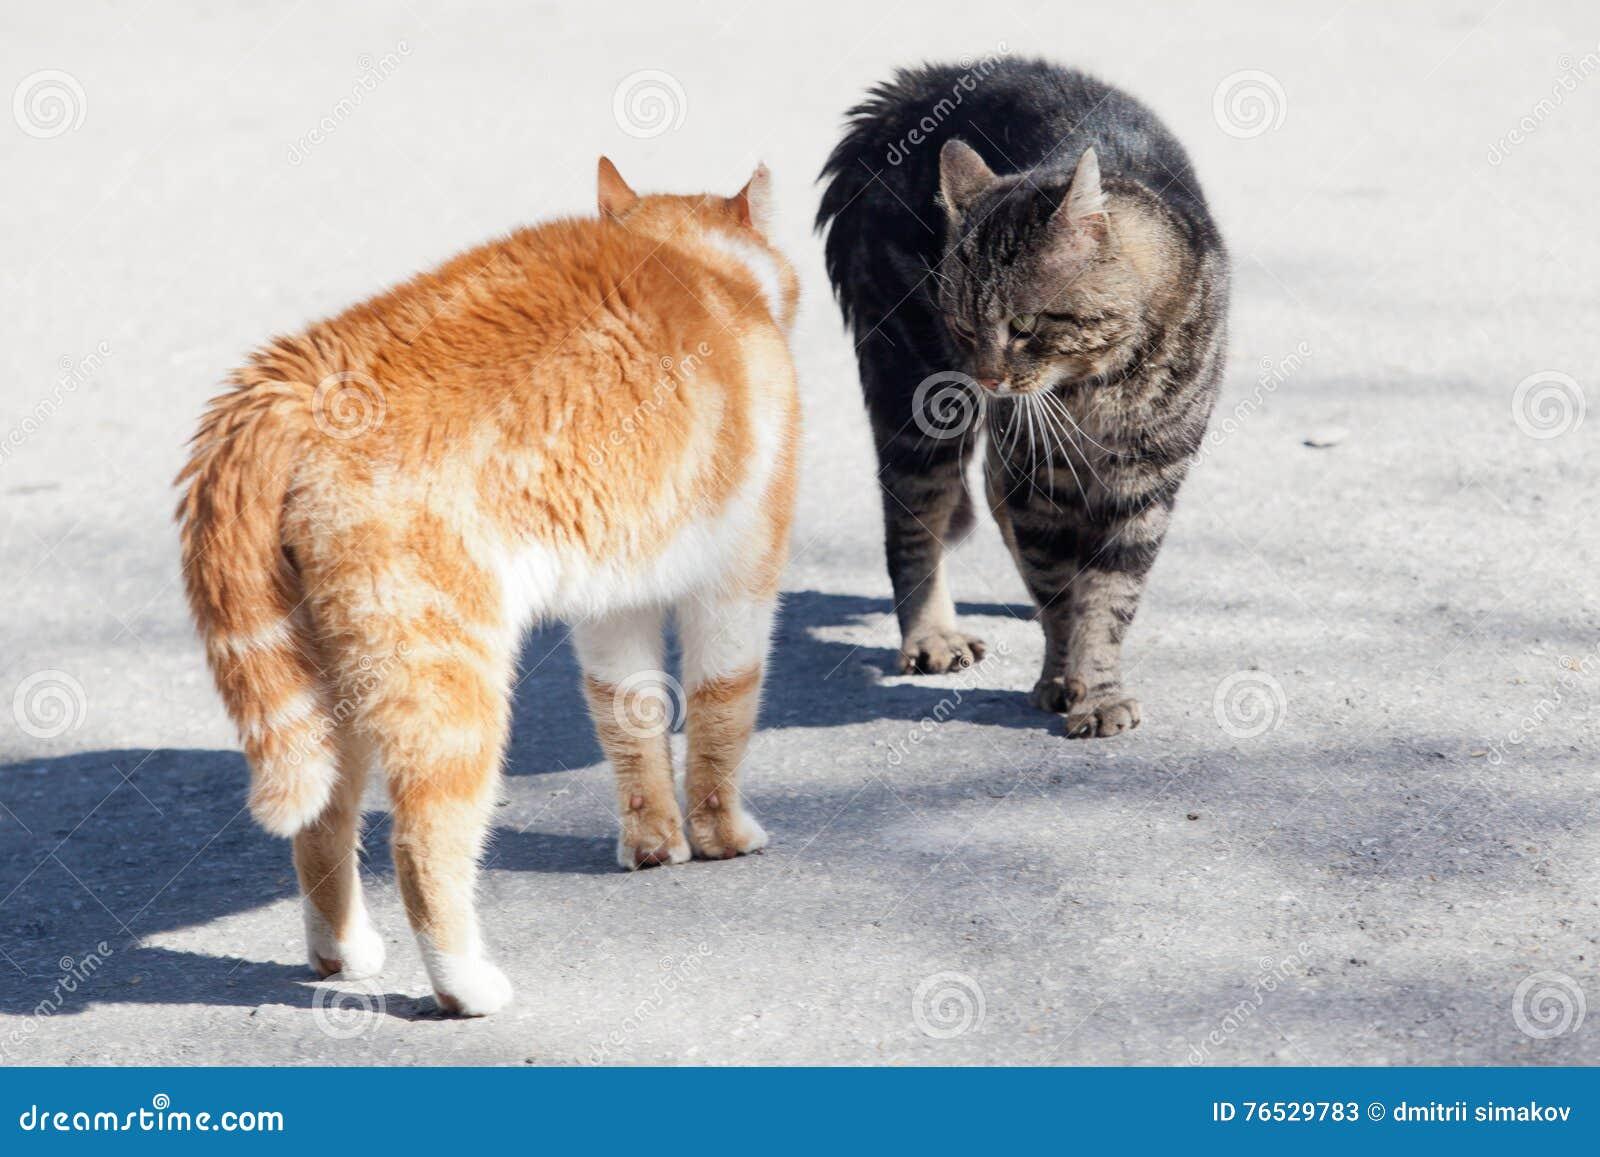 Avant le combat du chat rouge et gris